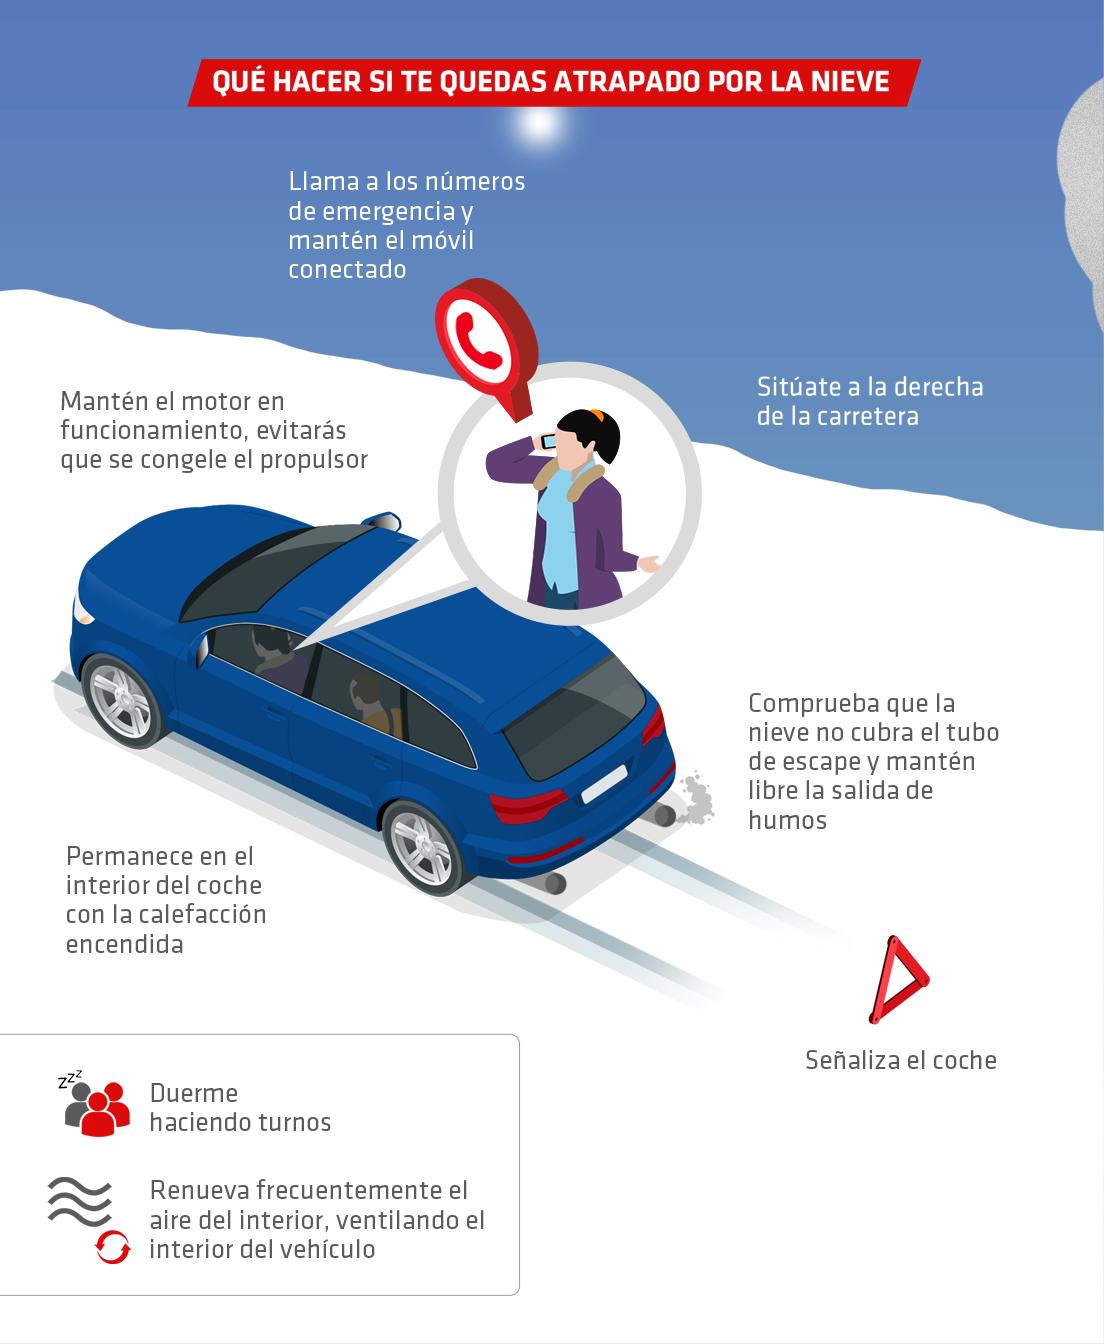 Infografía sobre qué hacer si te quedas atrapado por la nieve